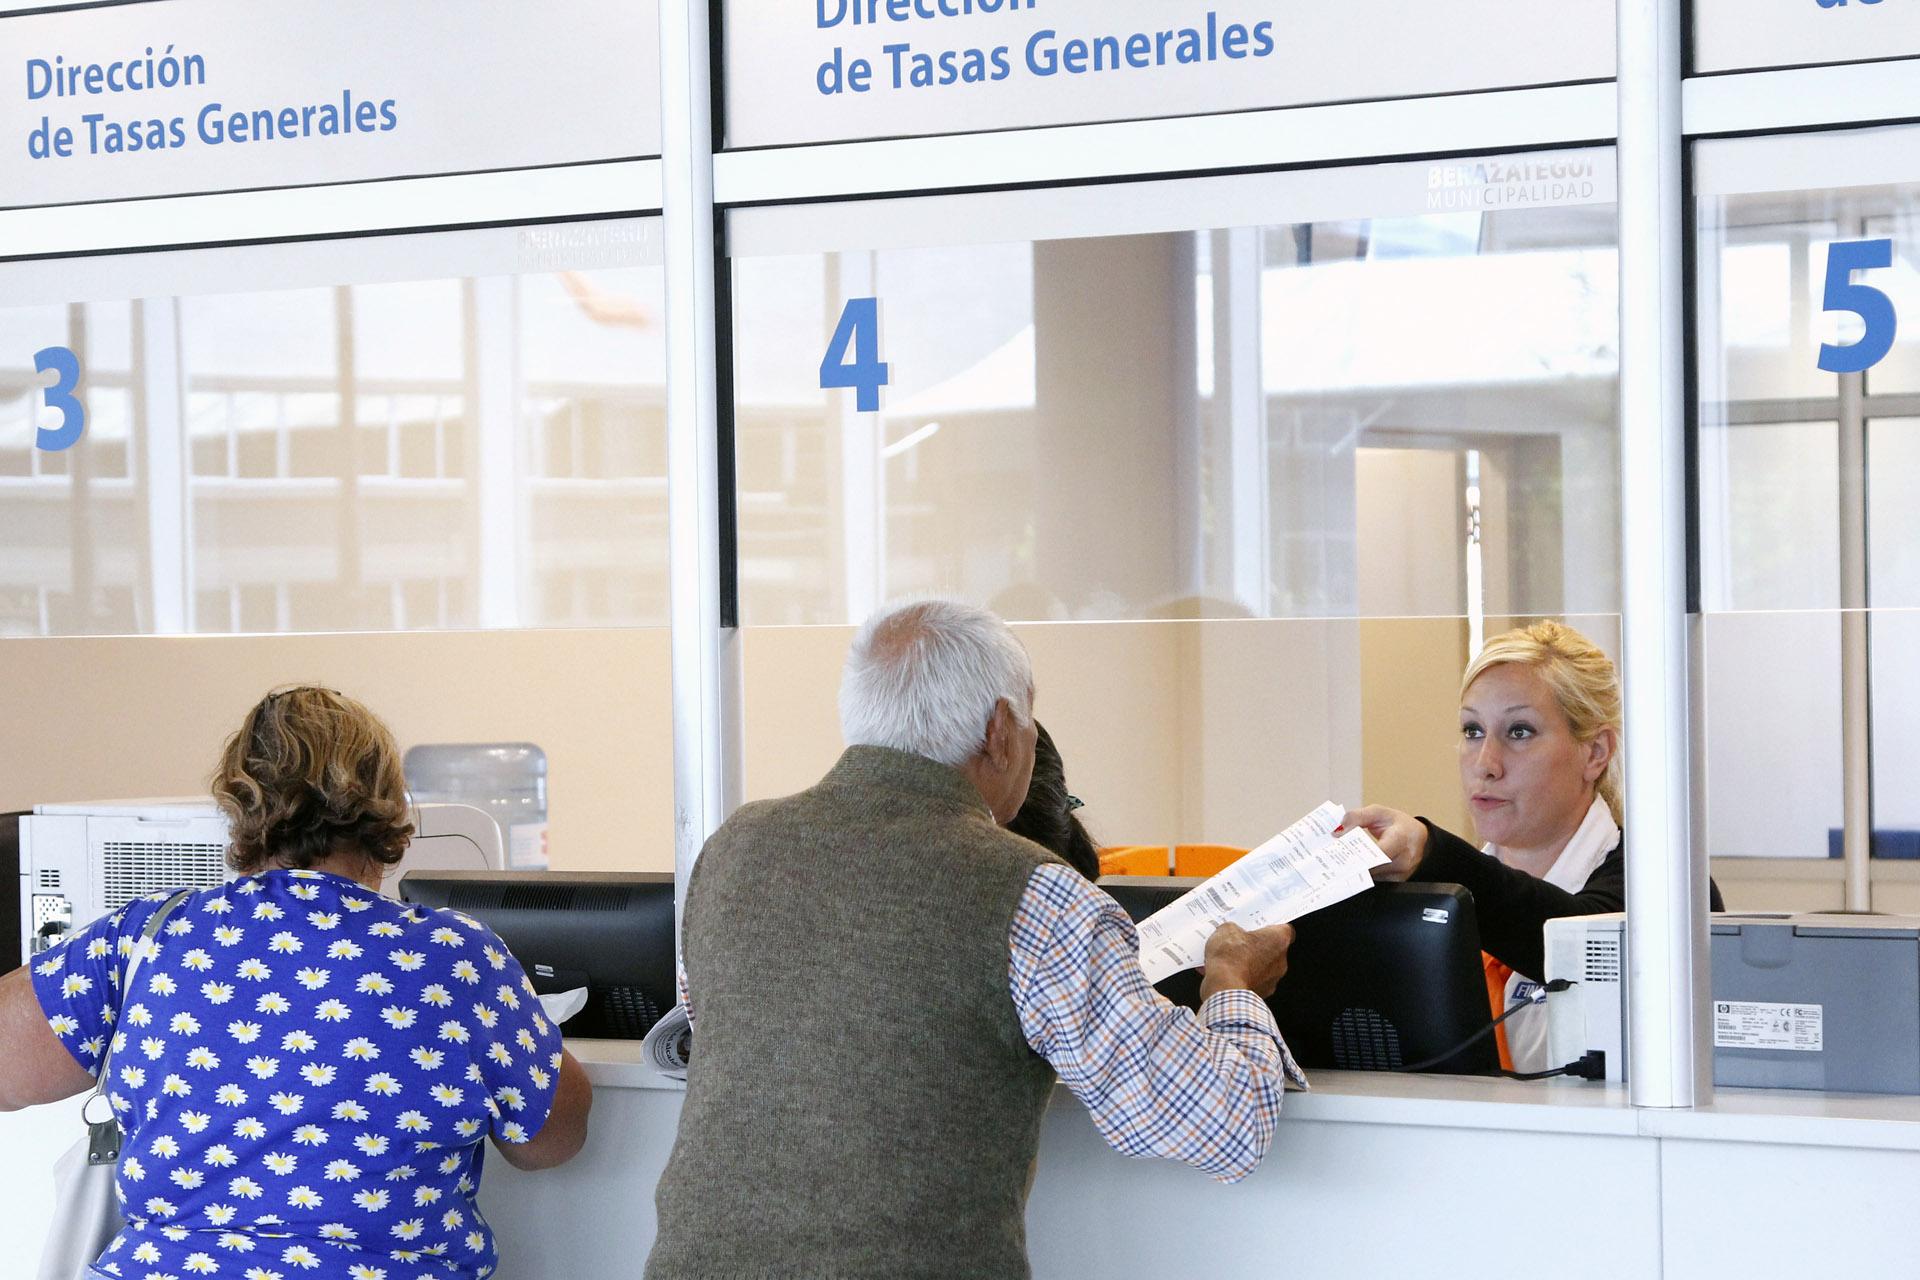 JUBILADOS PUEDEN EXIMIRSE DEL PAGO DE TASAS MUNICIPALES